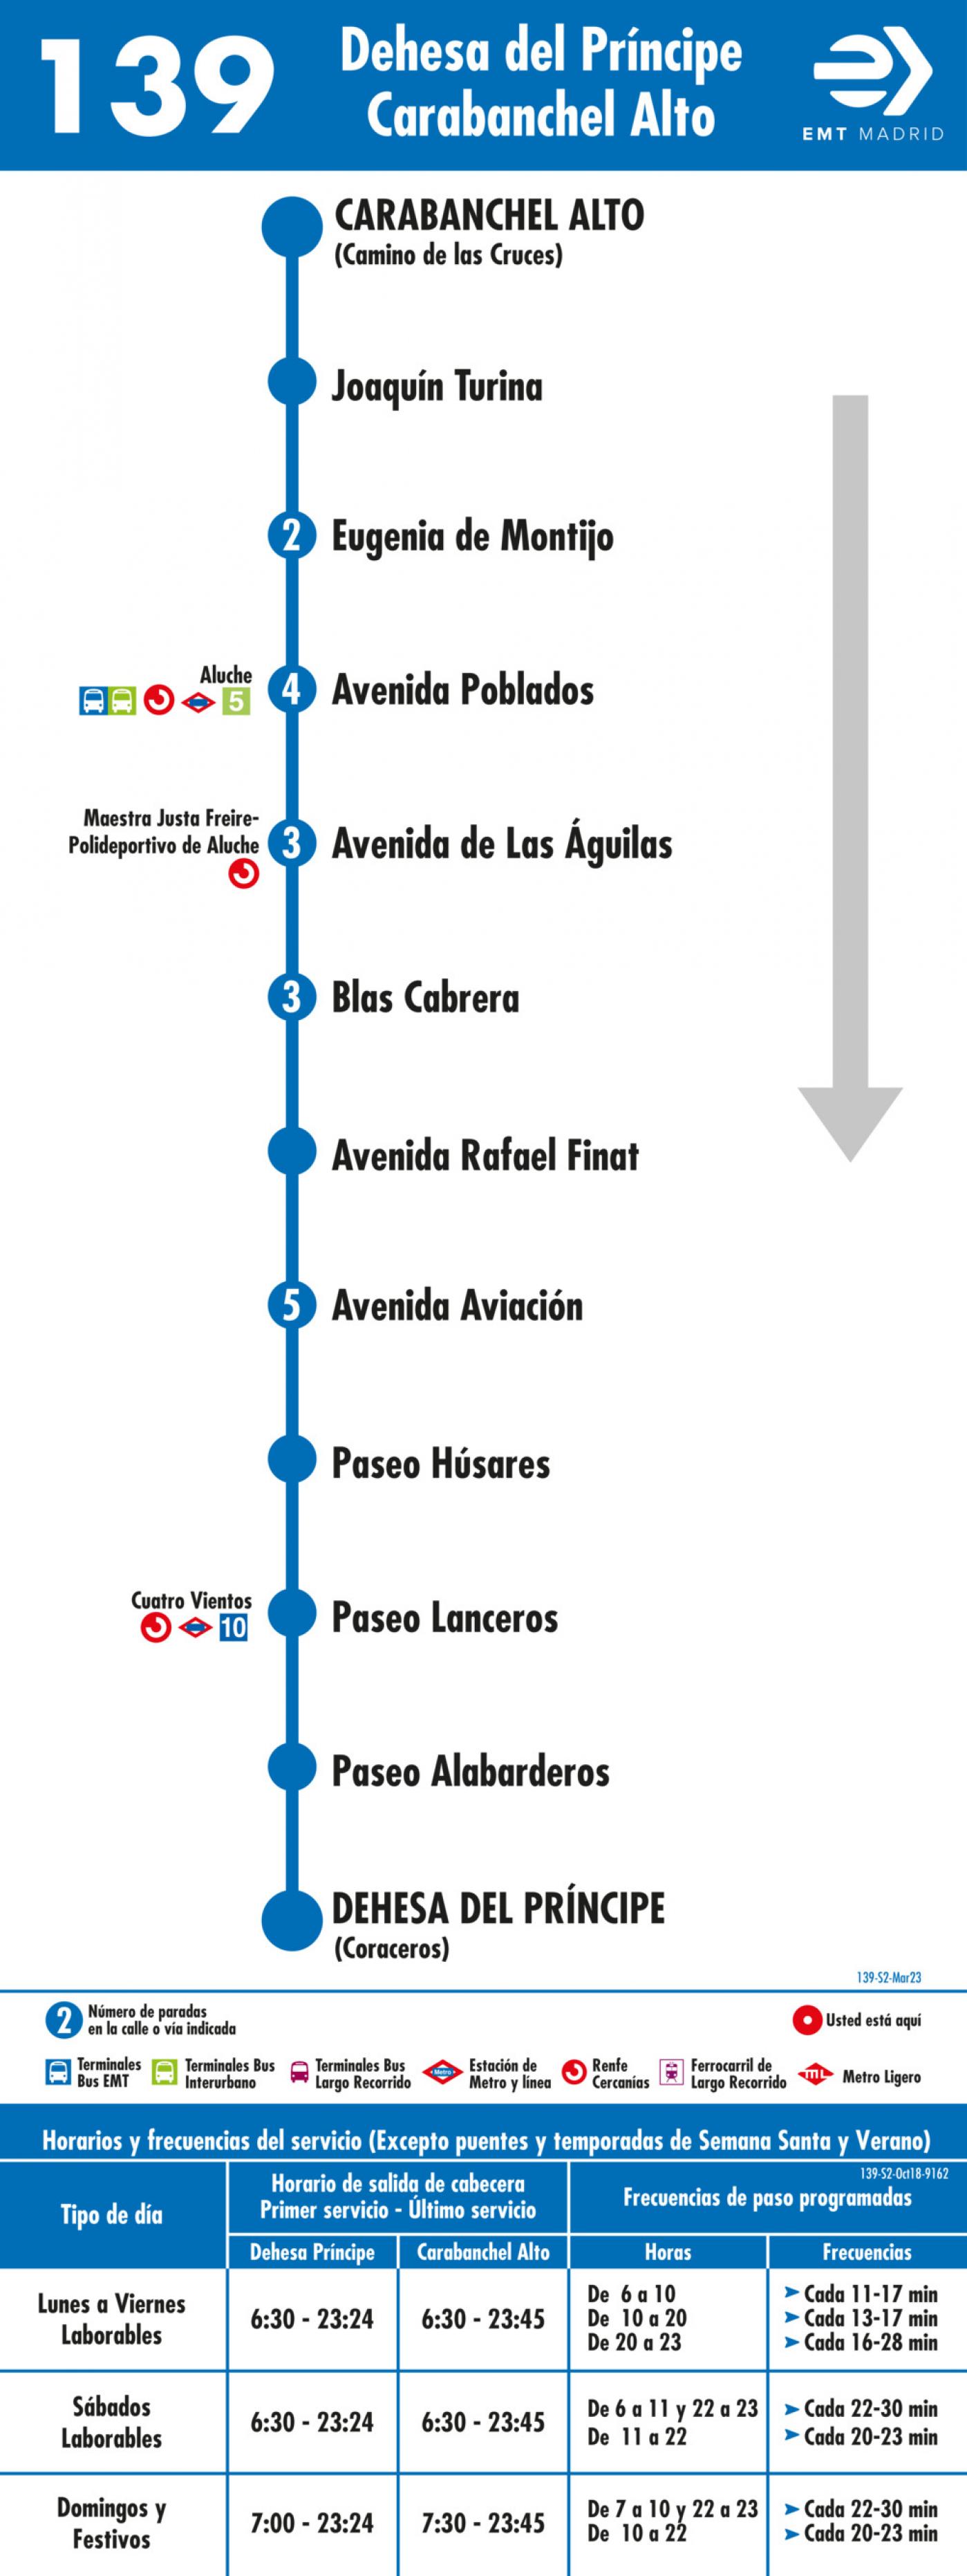 Tabla de horarios y frecuencias de paso en sentido vuelta Línea 139: Dehesa del Príncipe - Carabanchel Alto